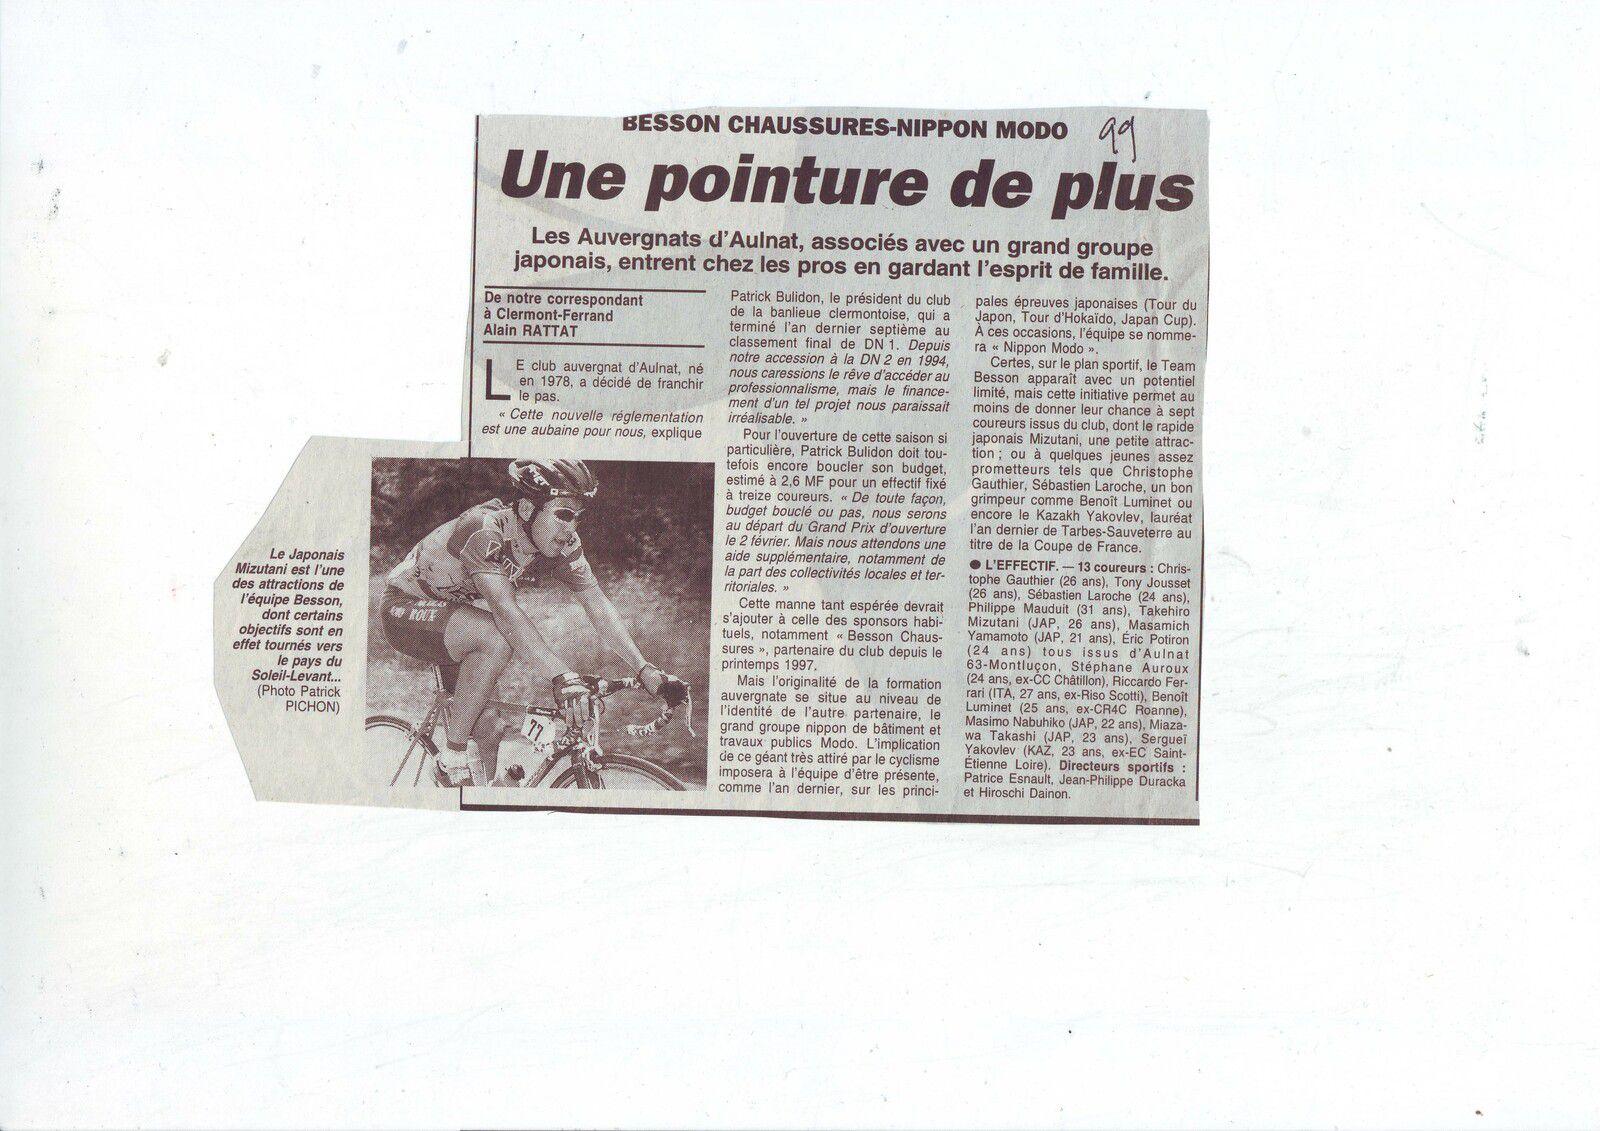 07/04/1999 : 1er succès chez les pros pour Besson Chaussures